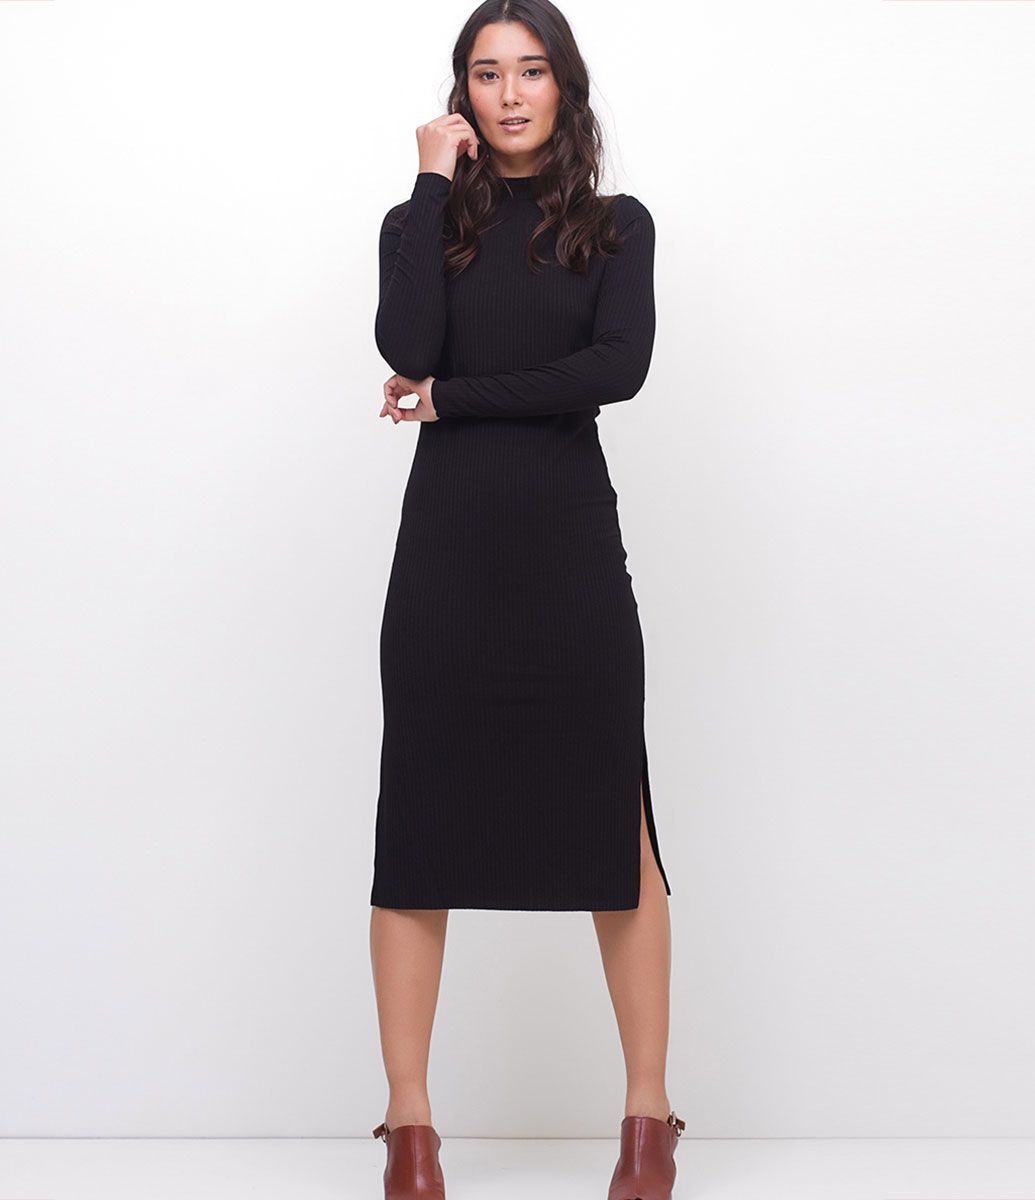 e986895a7 Vestido feminino Modelo midi Manga curta Gola alta Com fenda Canelado  Marca: Marfinno Tecido: